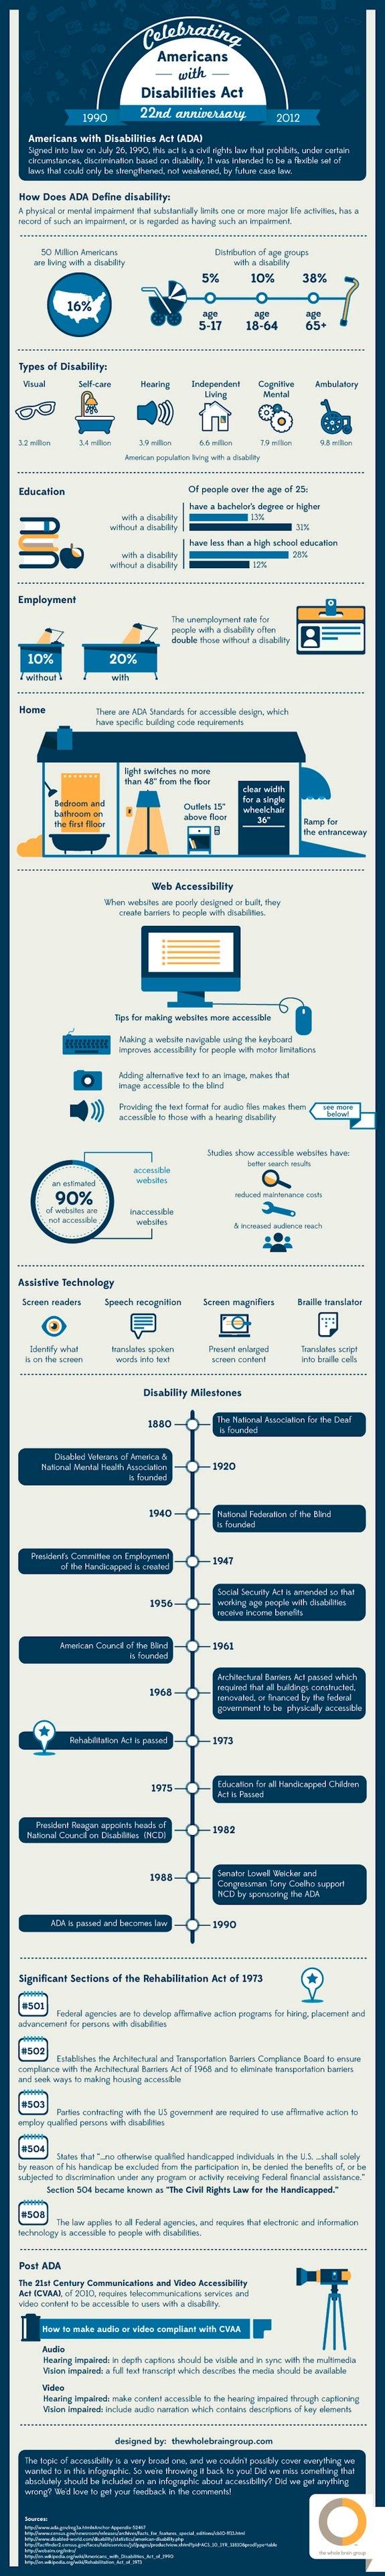 Celebrating ADA's 22nd Anniversary infographic